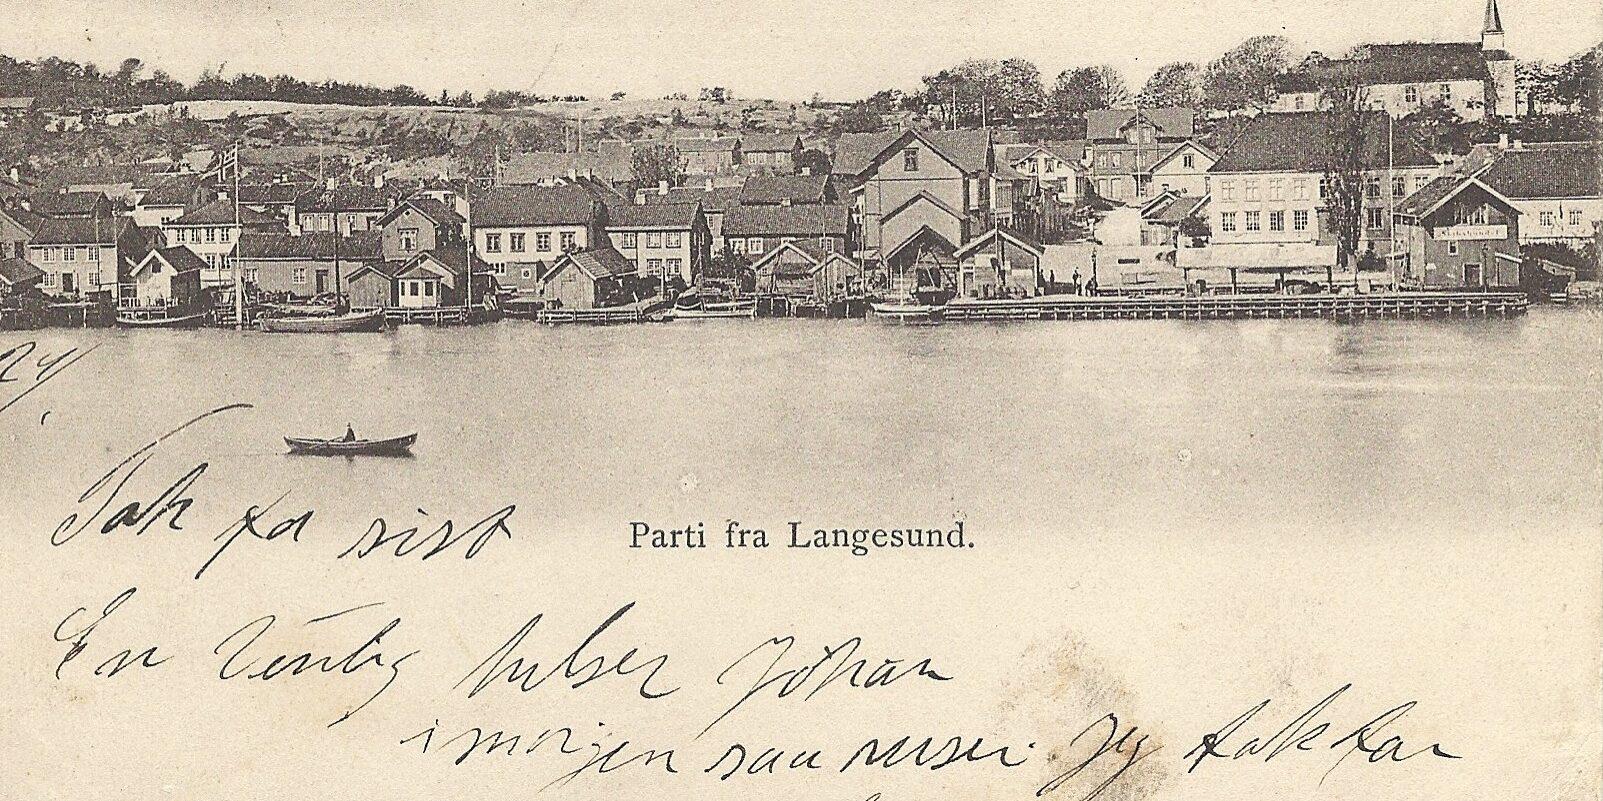 Prospektkort fra Langesund, utgitt av Berg og Høeg 1904, Kristiania.